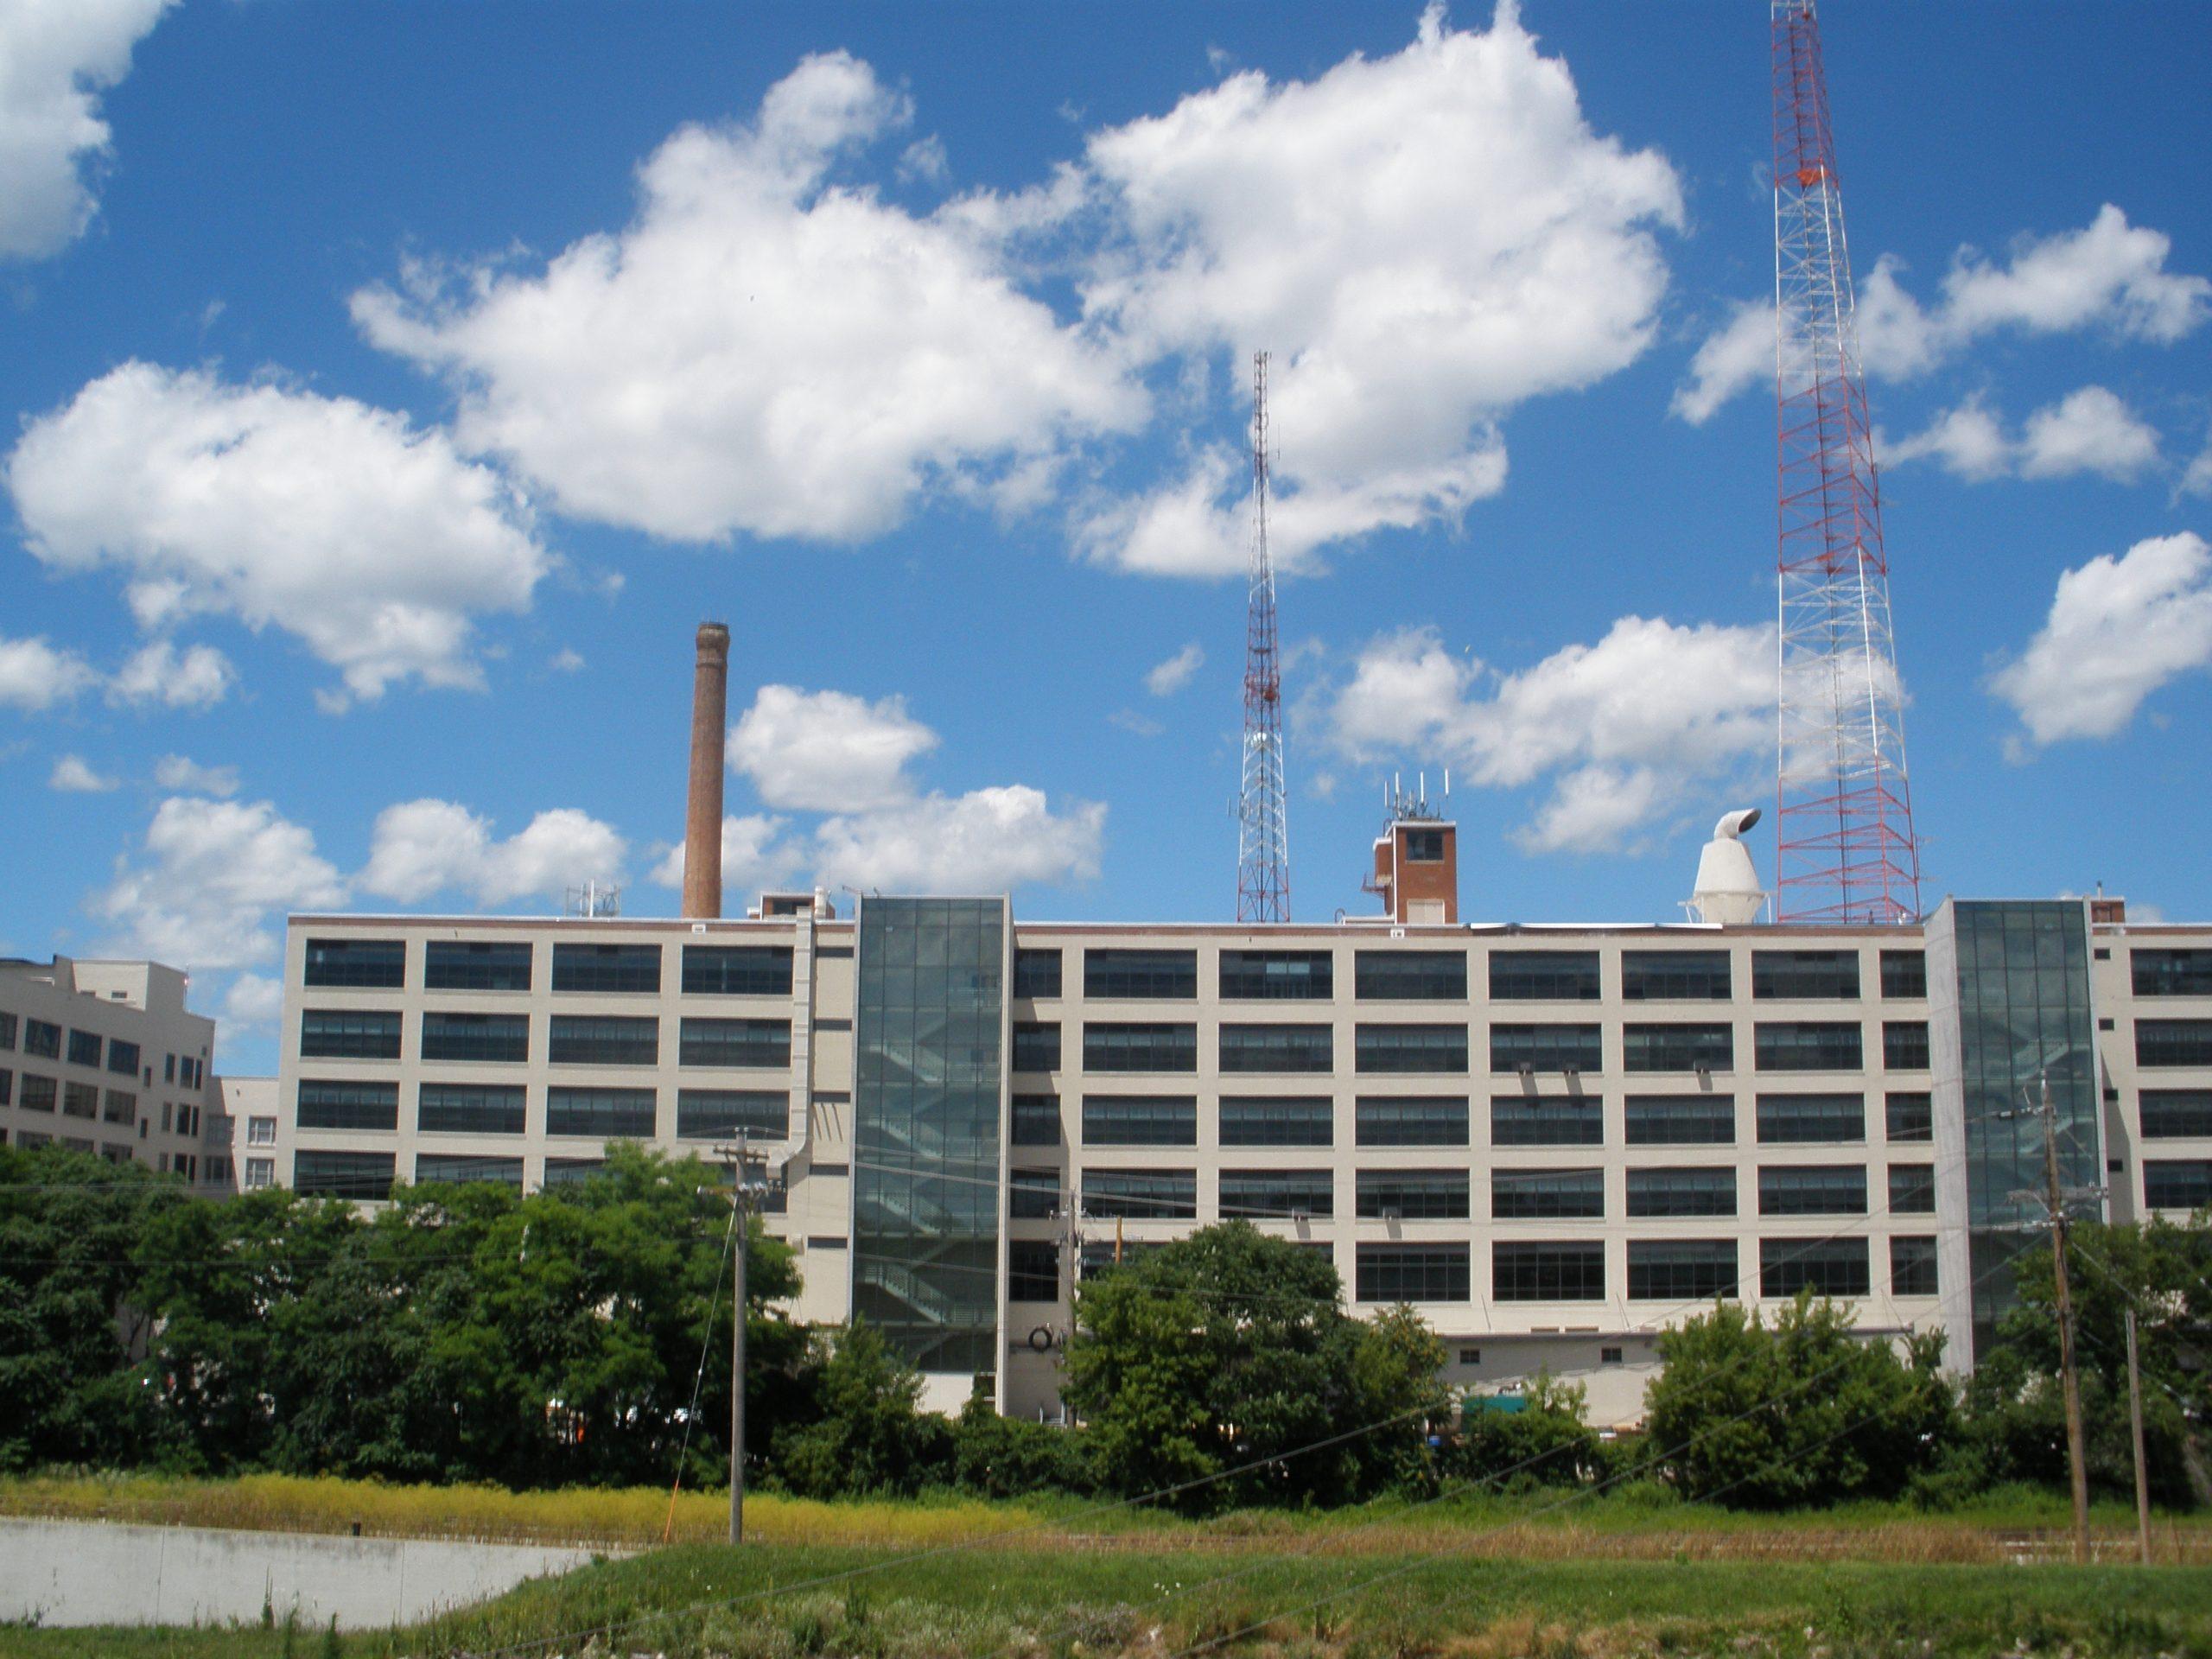 Des Moines Public Schools Career & Technical Center